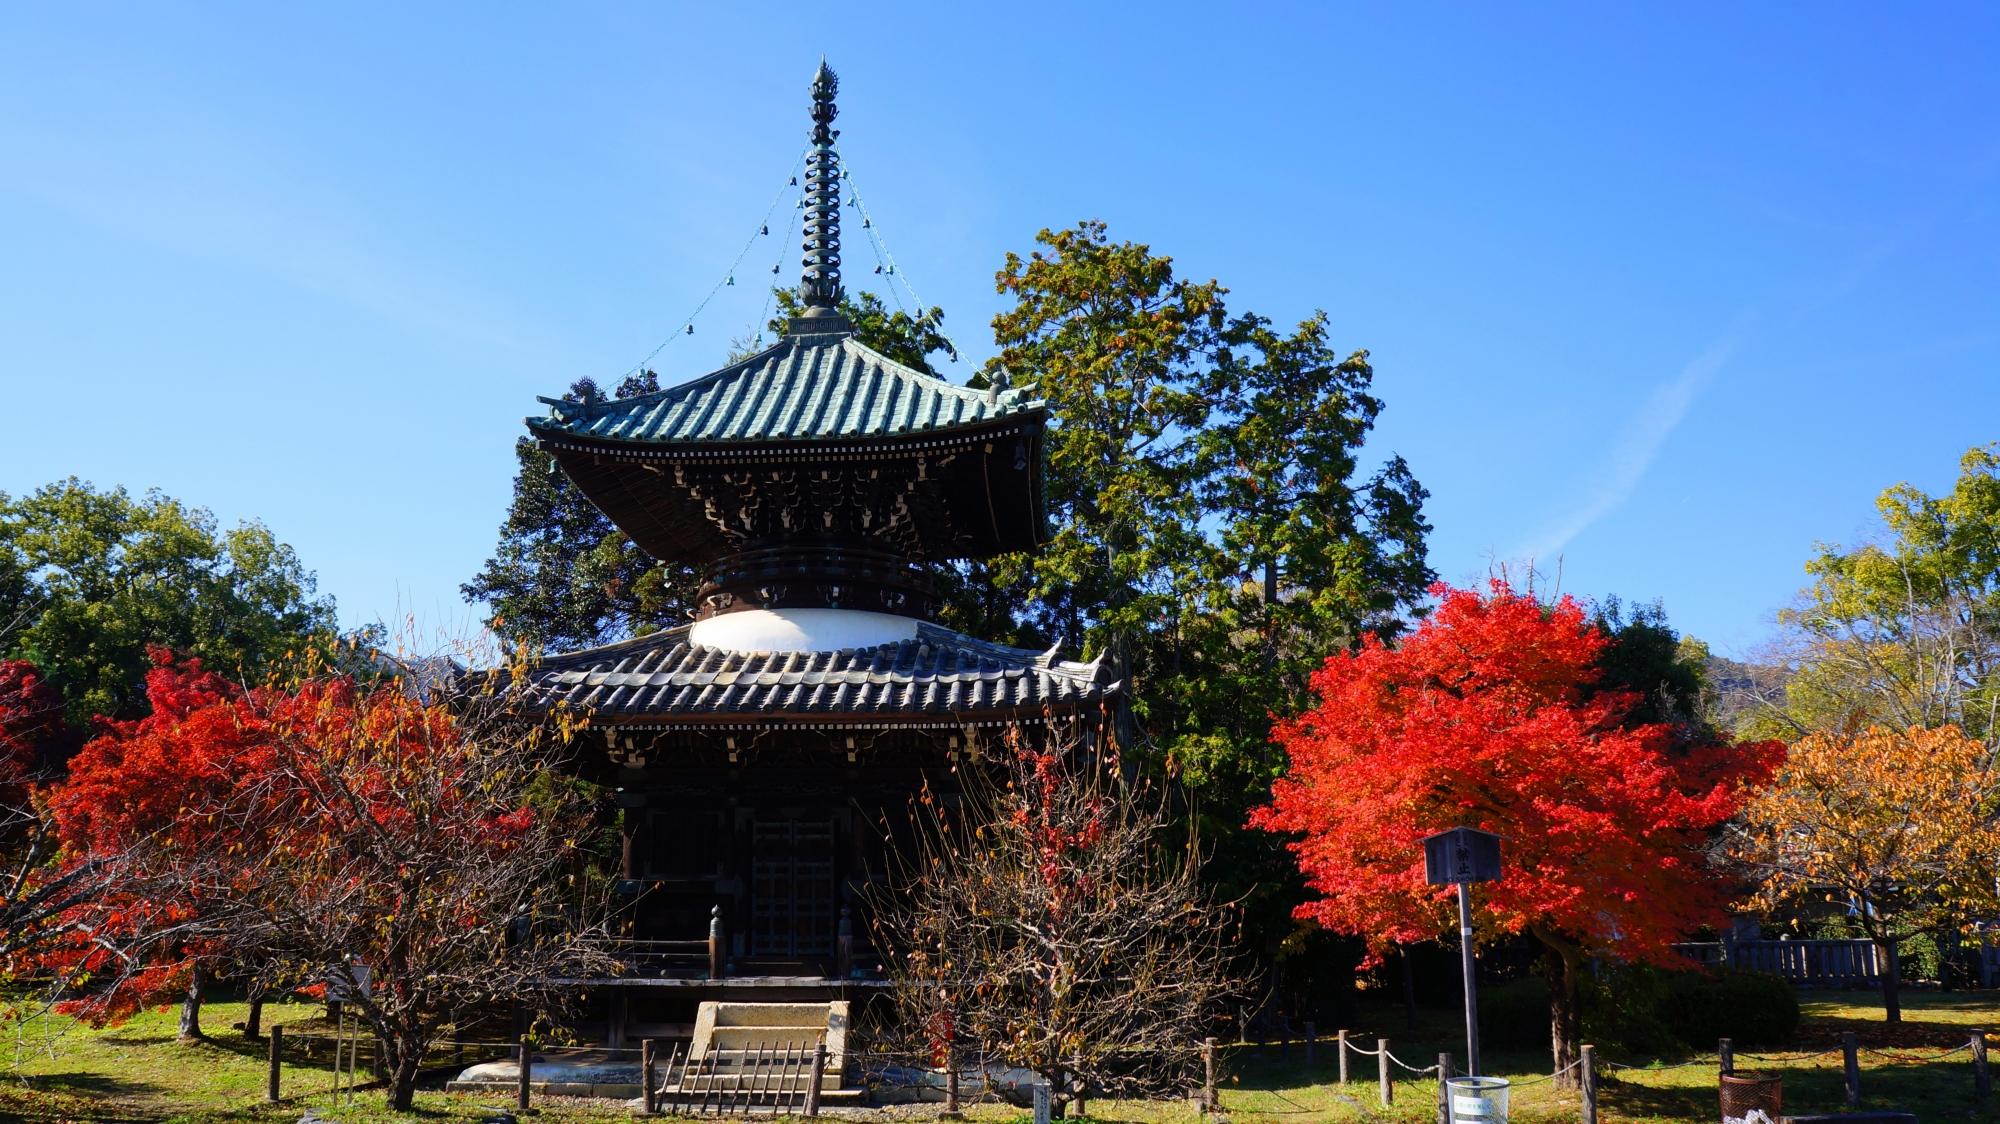 清涼寺の多宝塔と紅葉